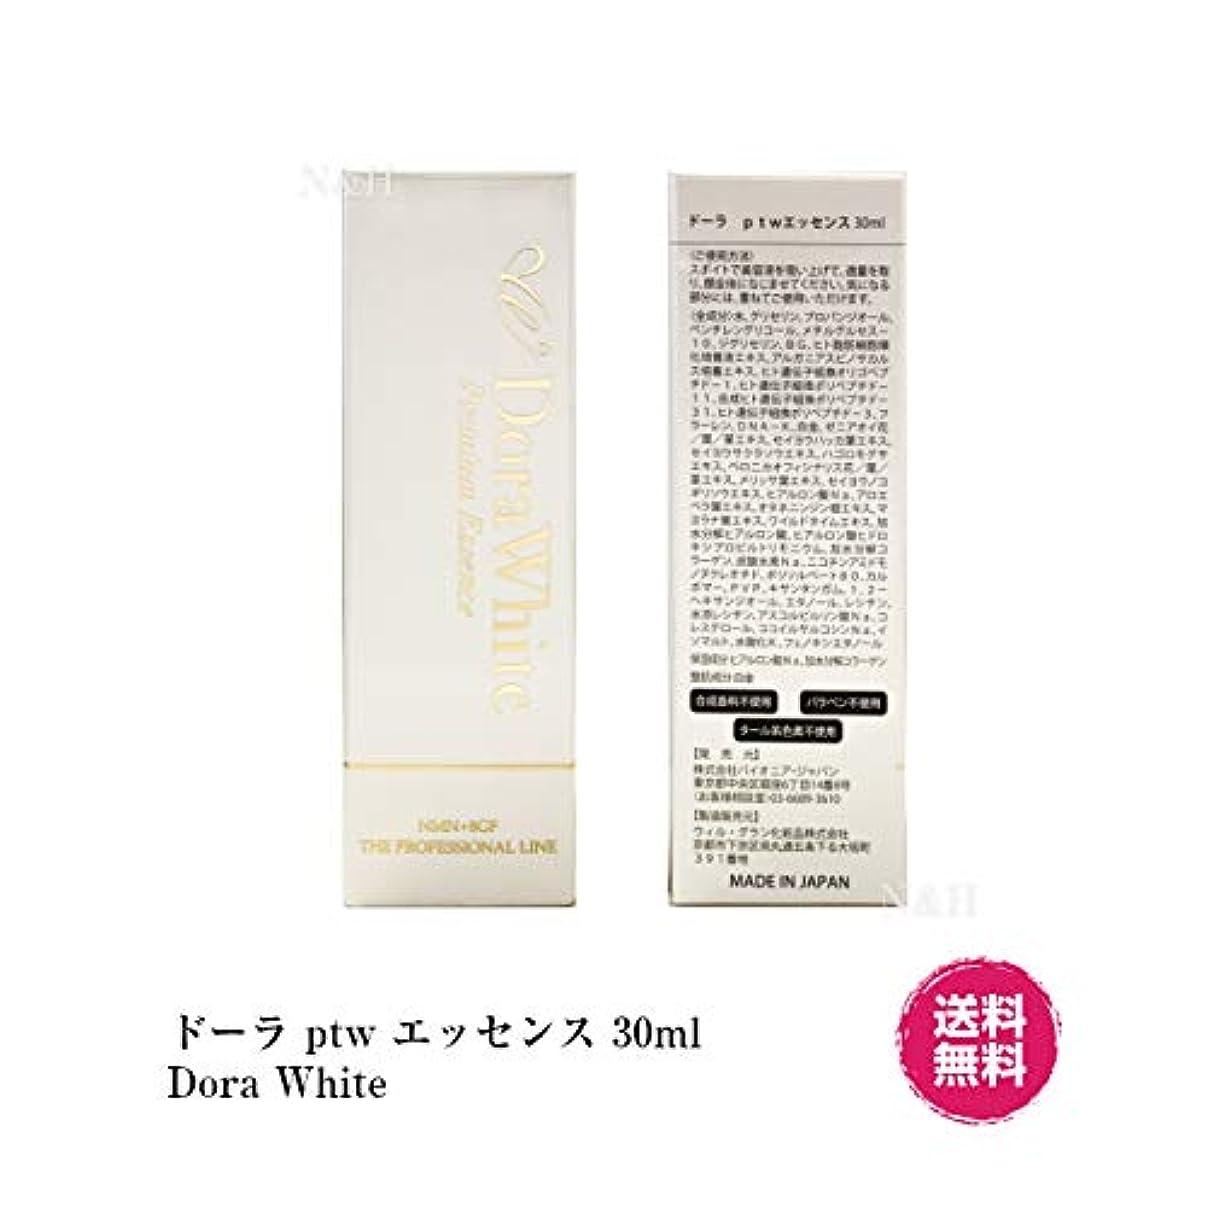 仲人耐久現代ドーラ ptw エッセンス 30ml Dora White